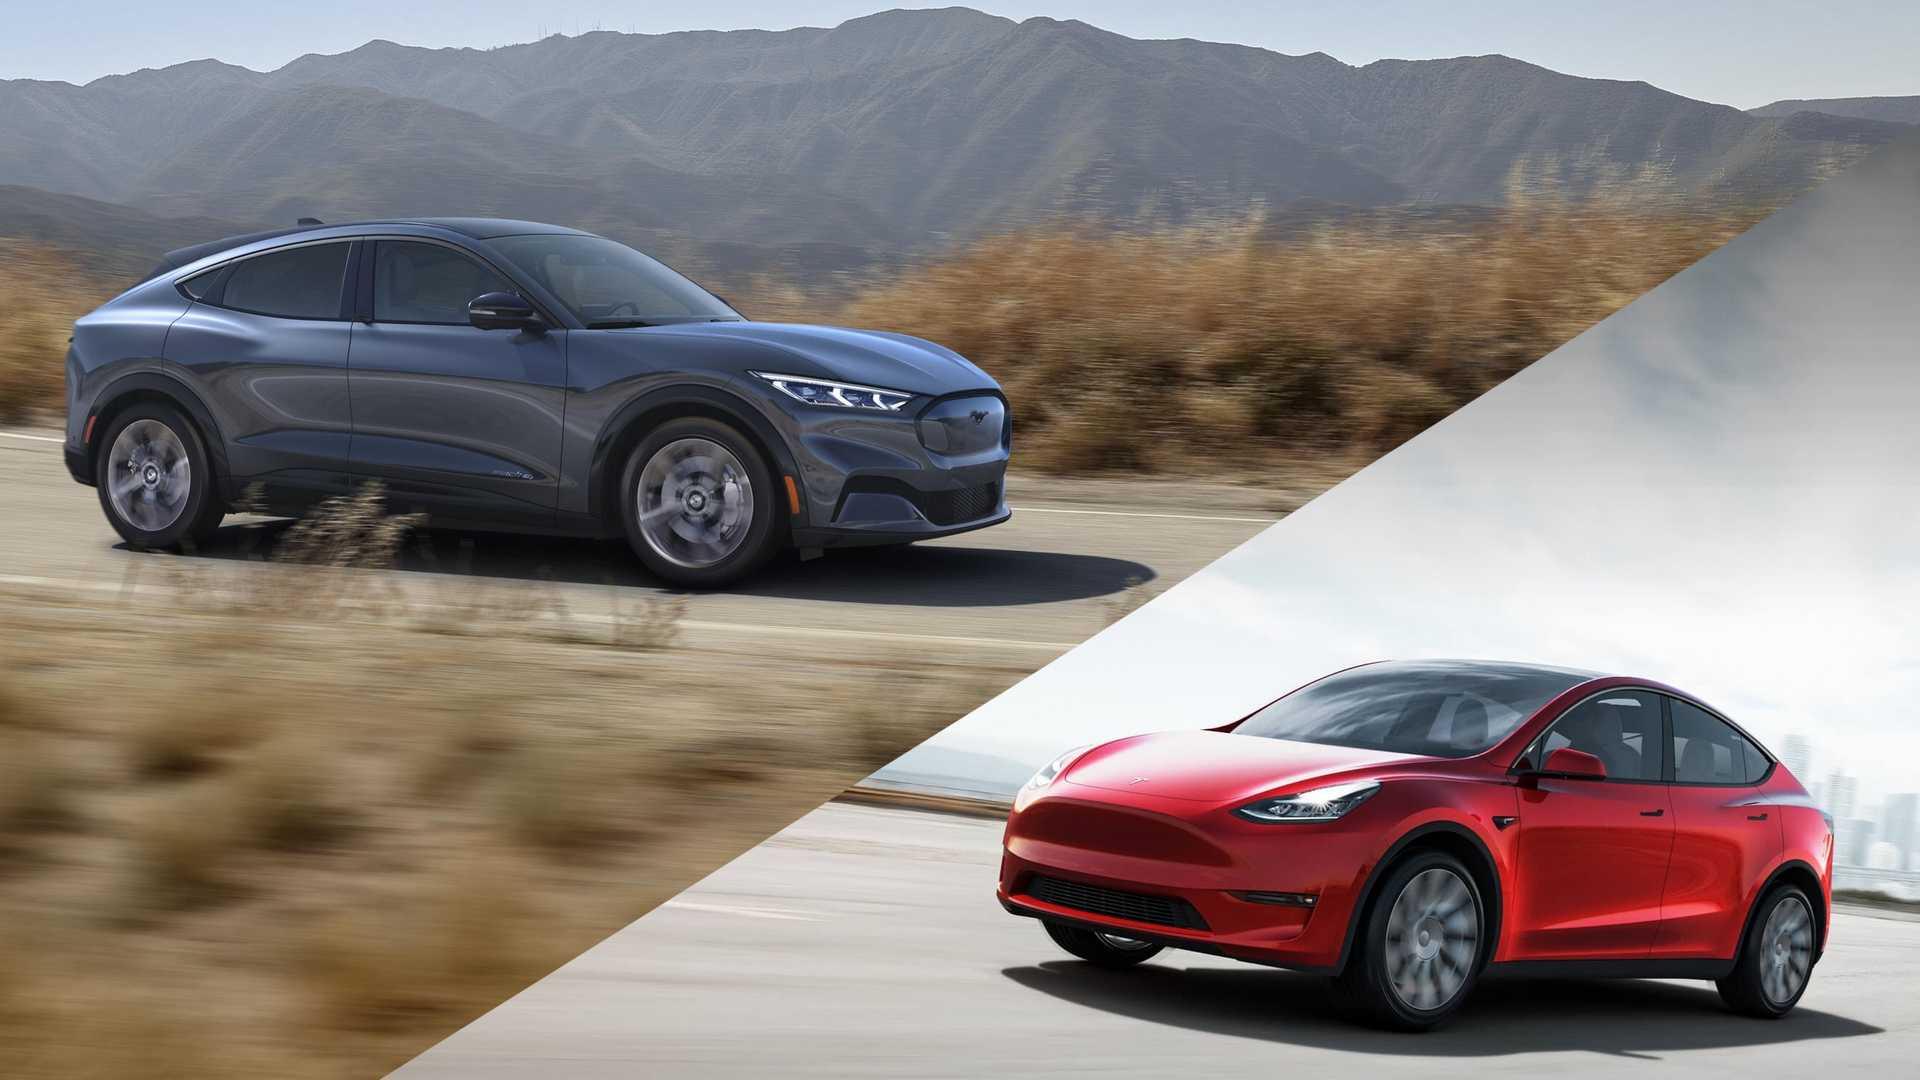 福特新能源車型北美月銷量過萬 福特電動化成績初顯